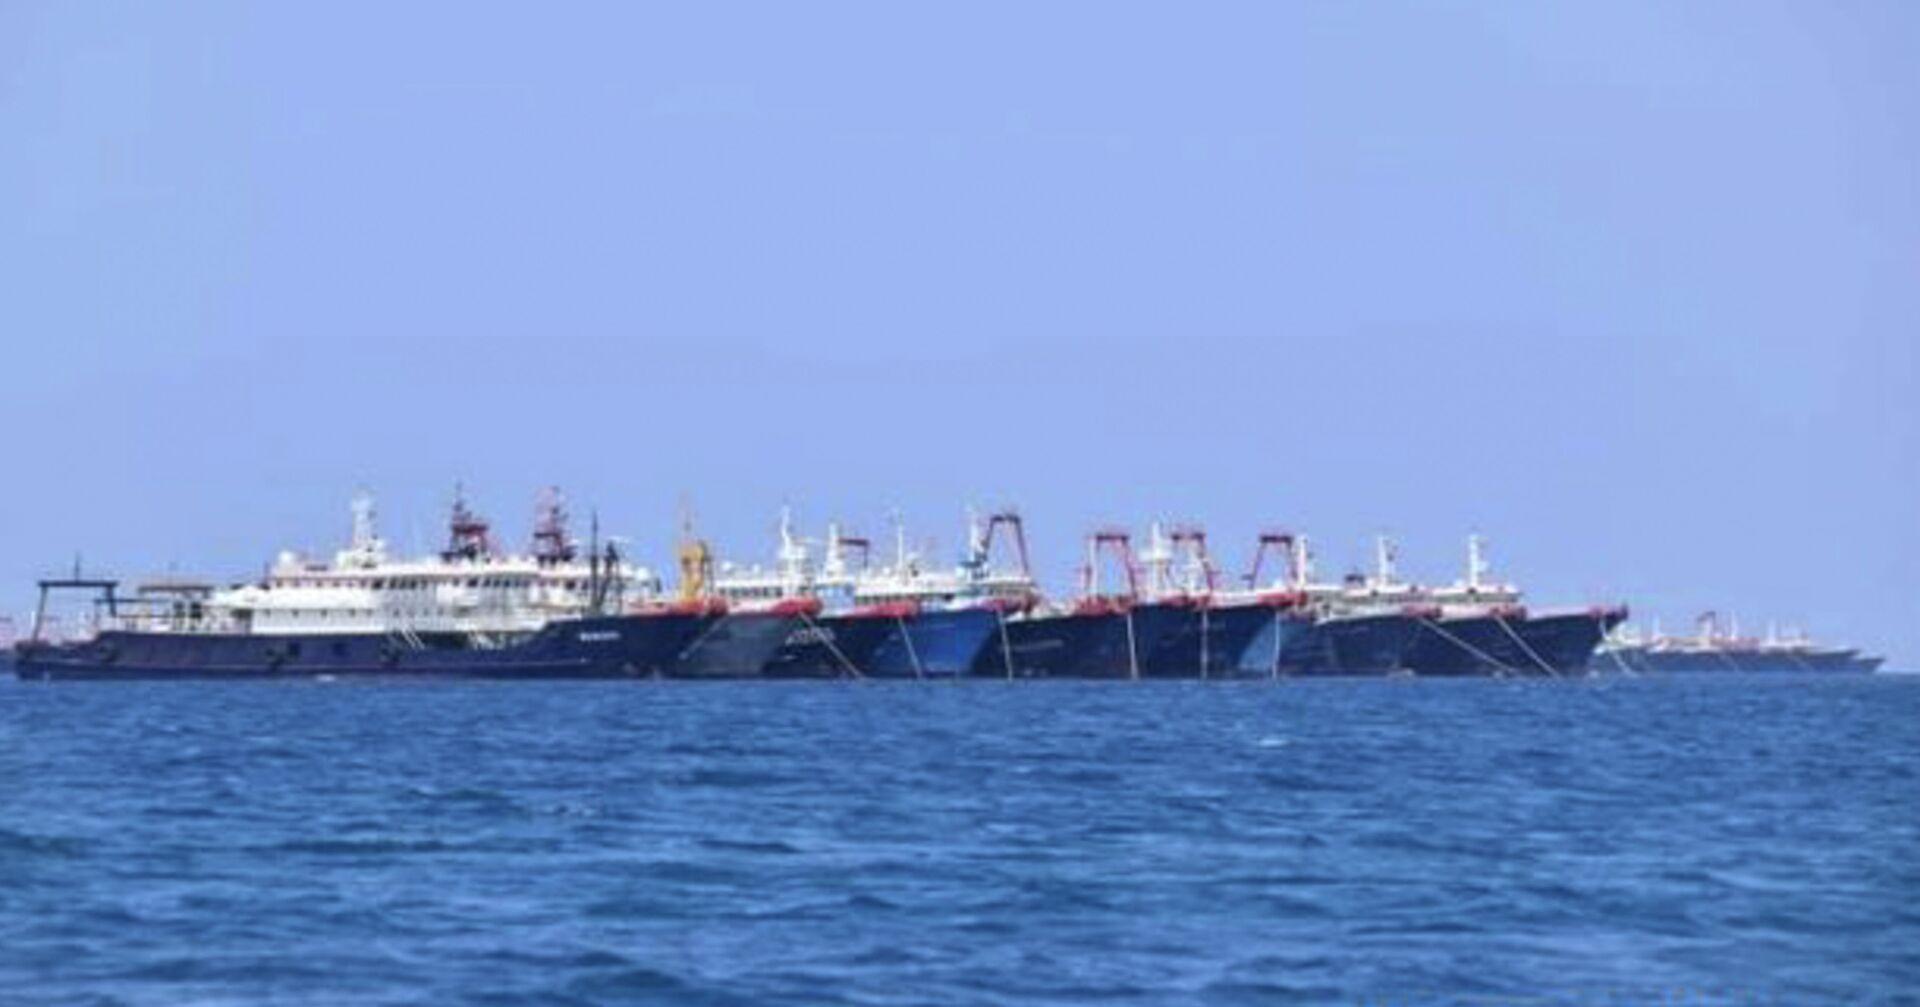 Trung Quốc phủ nhận cáo buộc về cuộc xâm nhập của 200 tàu vào lãnh hải Philippines  - Sputnik Việt Nam, 1920, 22.03.2021